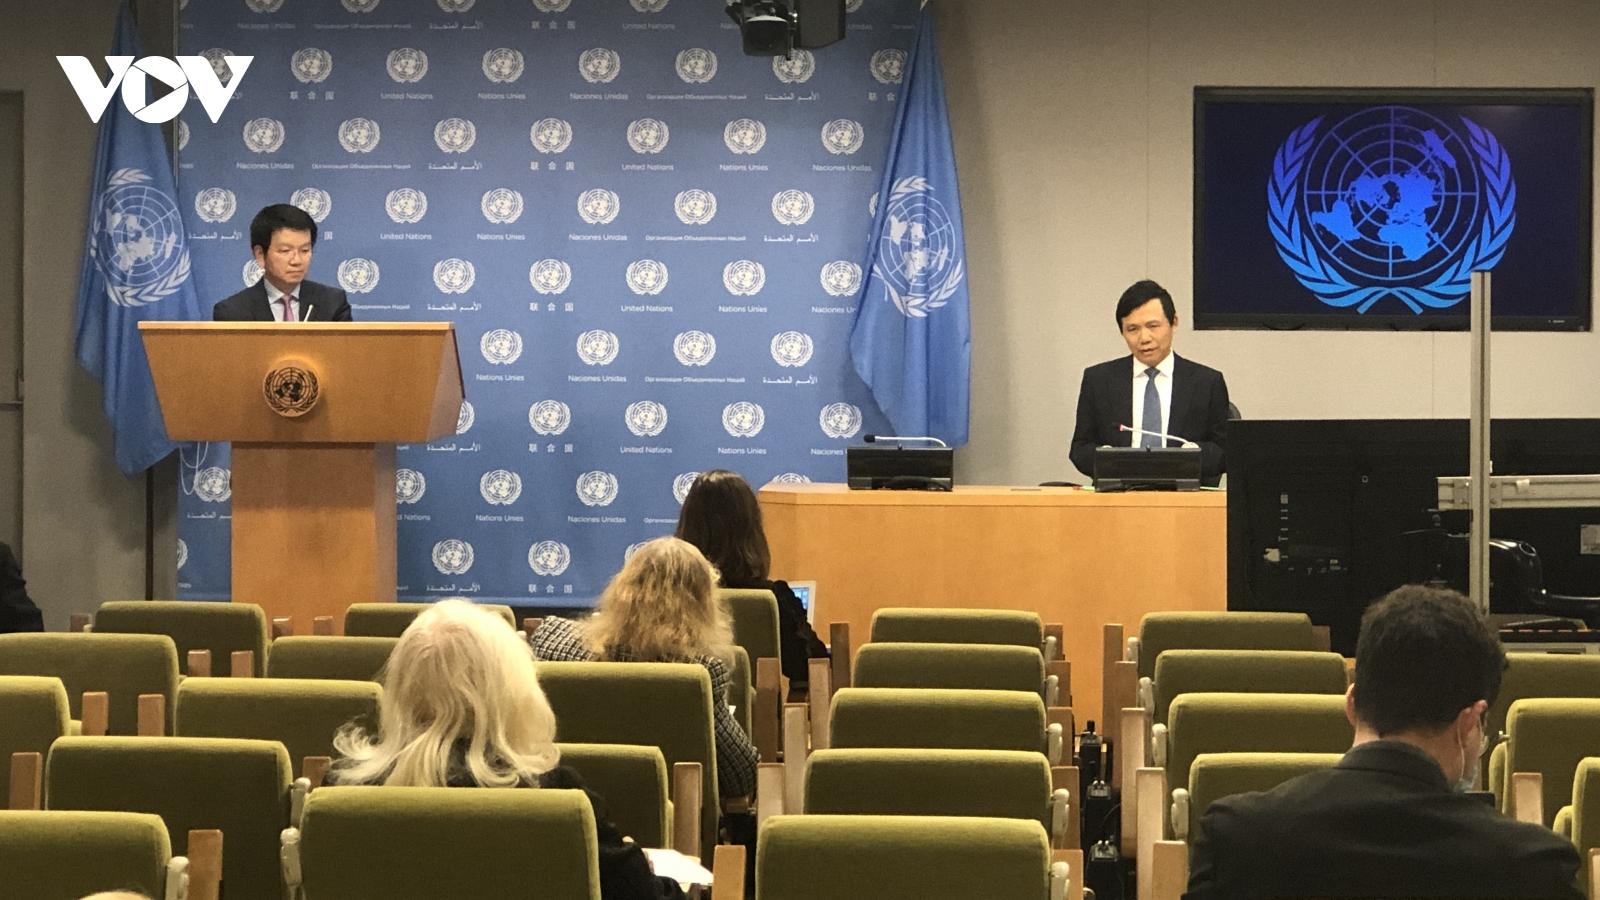 Việt Nam tiến hành các hoạt động chính thức trên cương vị Chủ tịch Hội đồng Bảo an LHQ